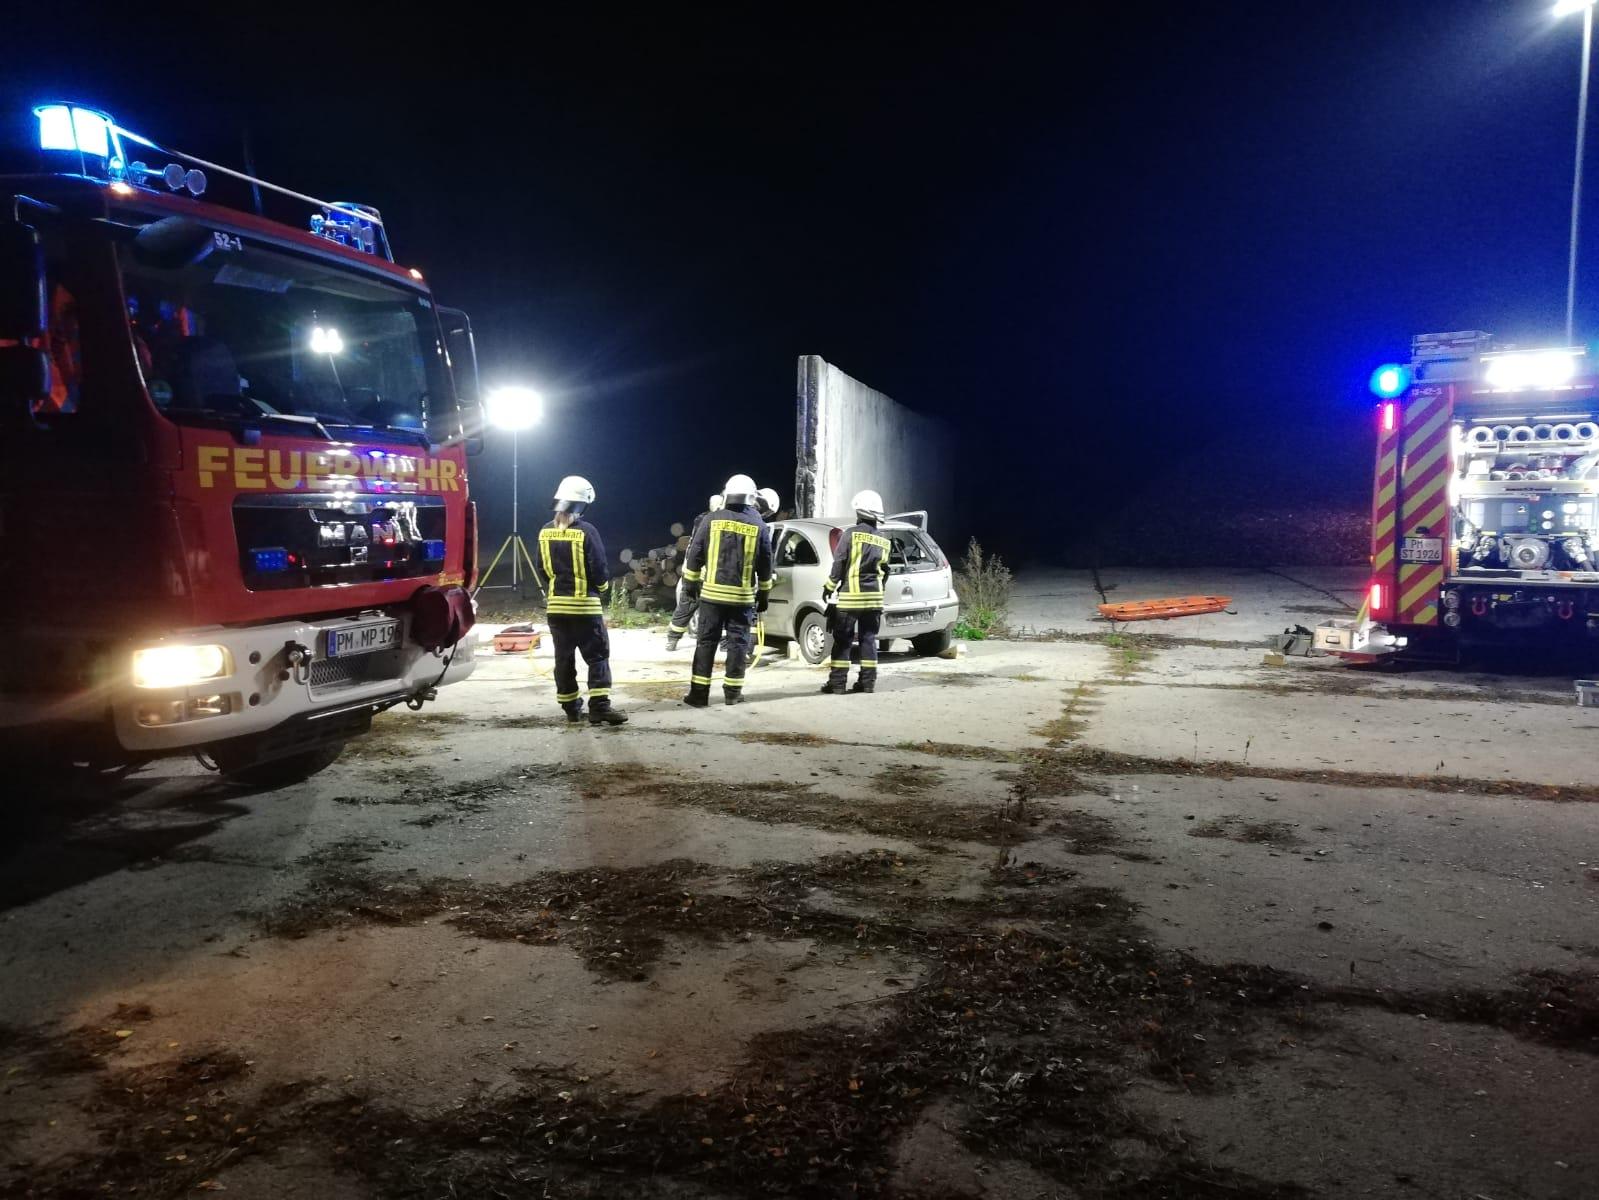 2019-10-23_Feuerwehr-trainiert-Verkehrsunfallhilfe_15